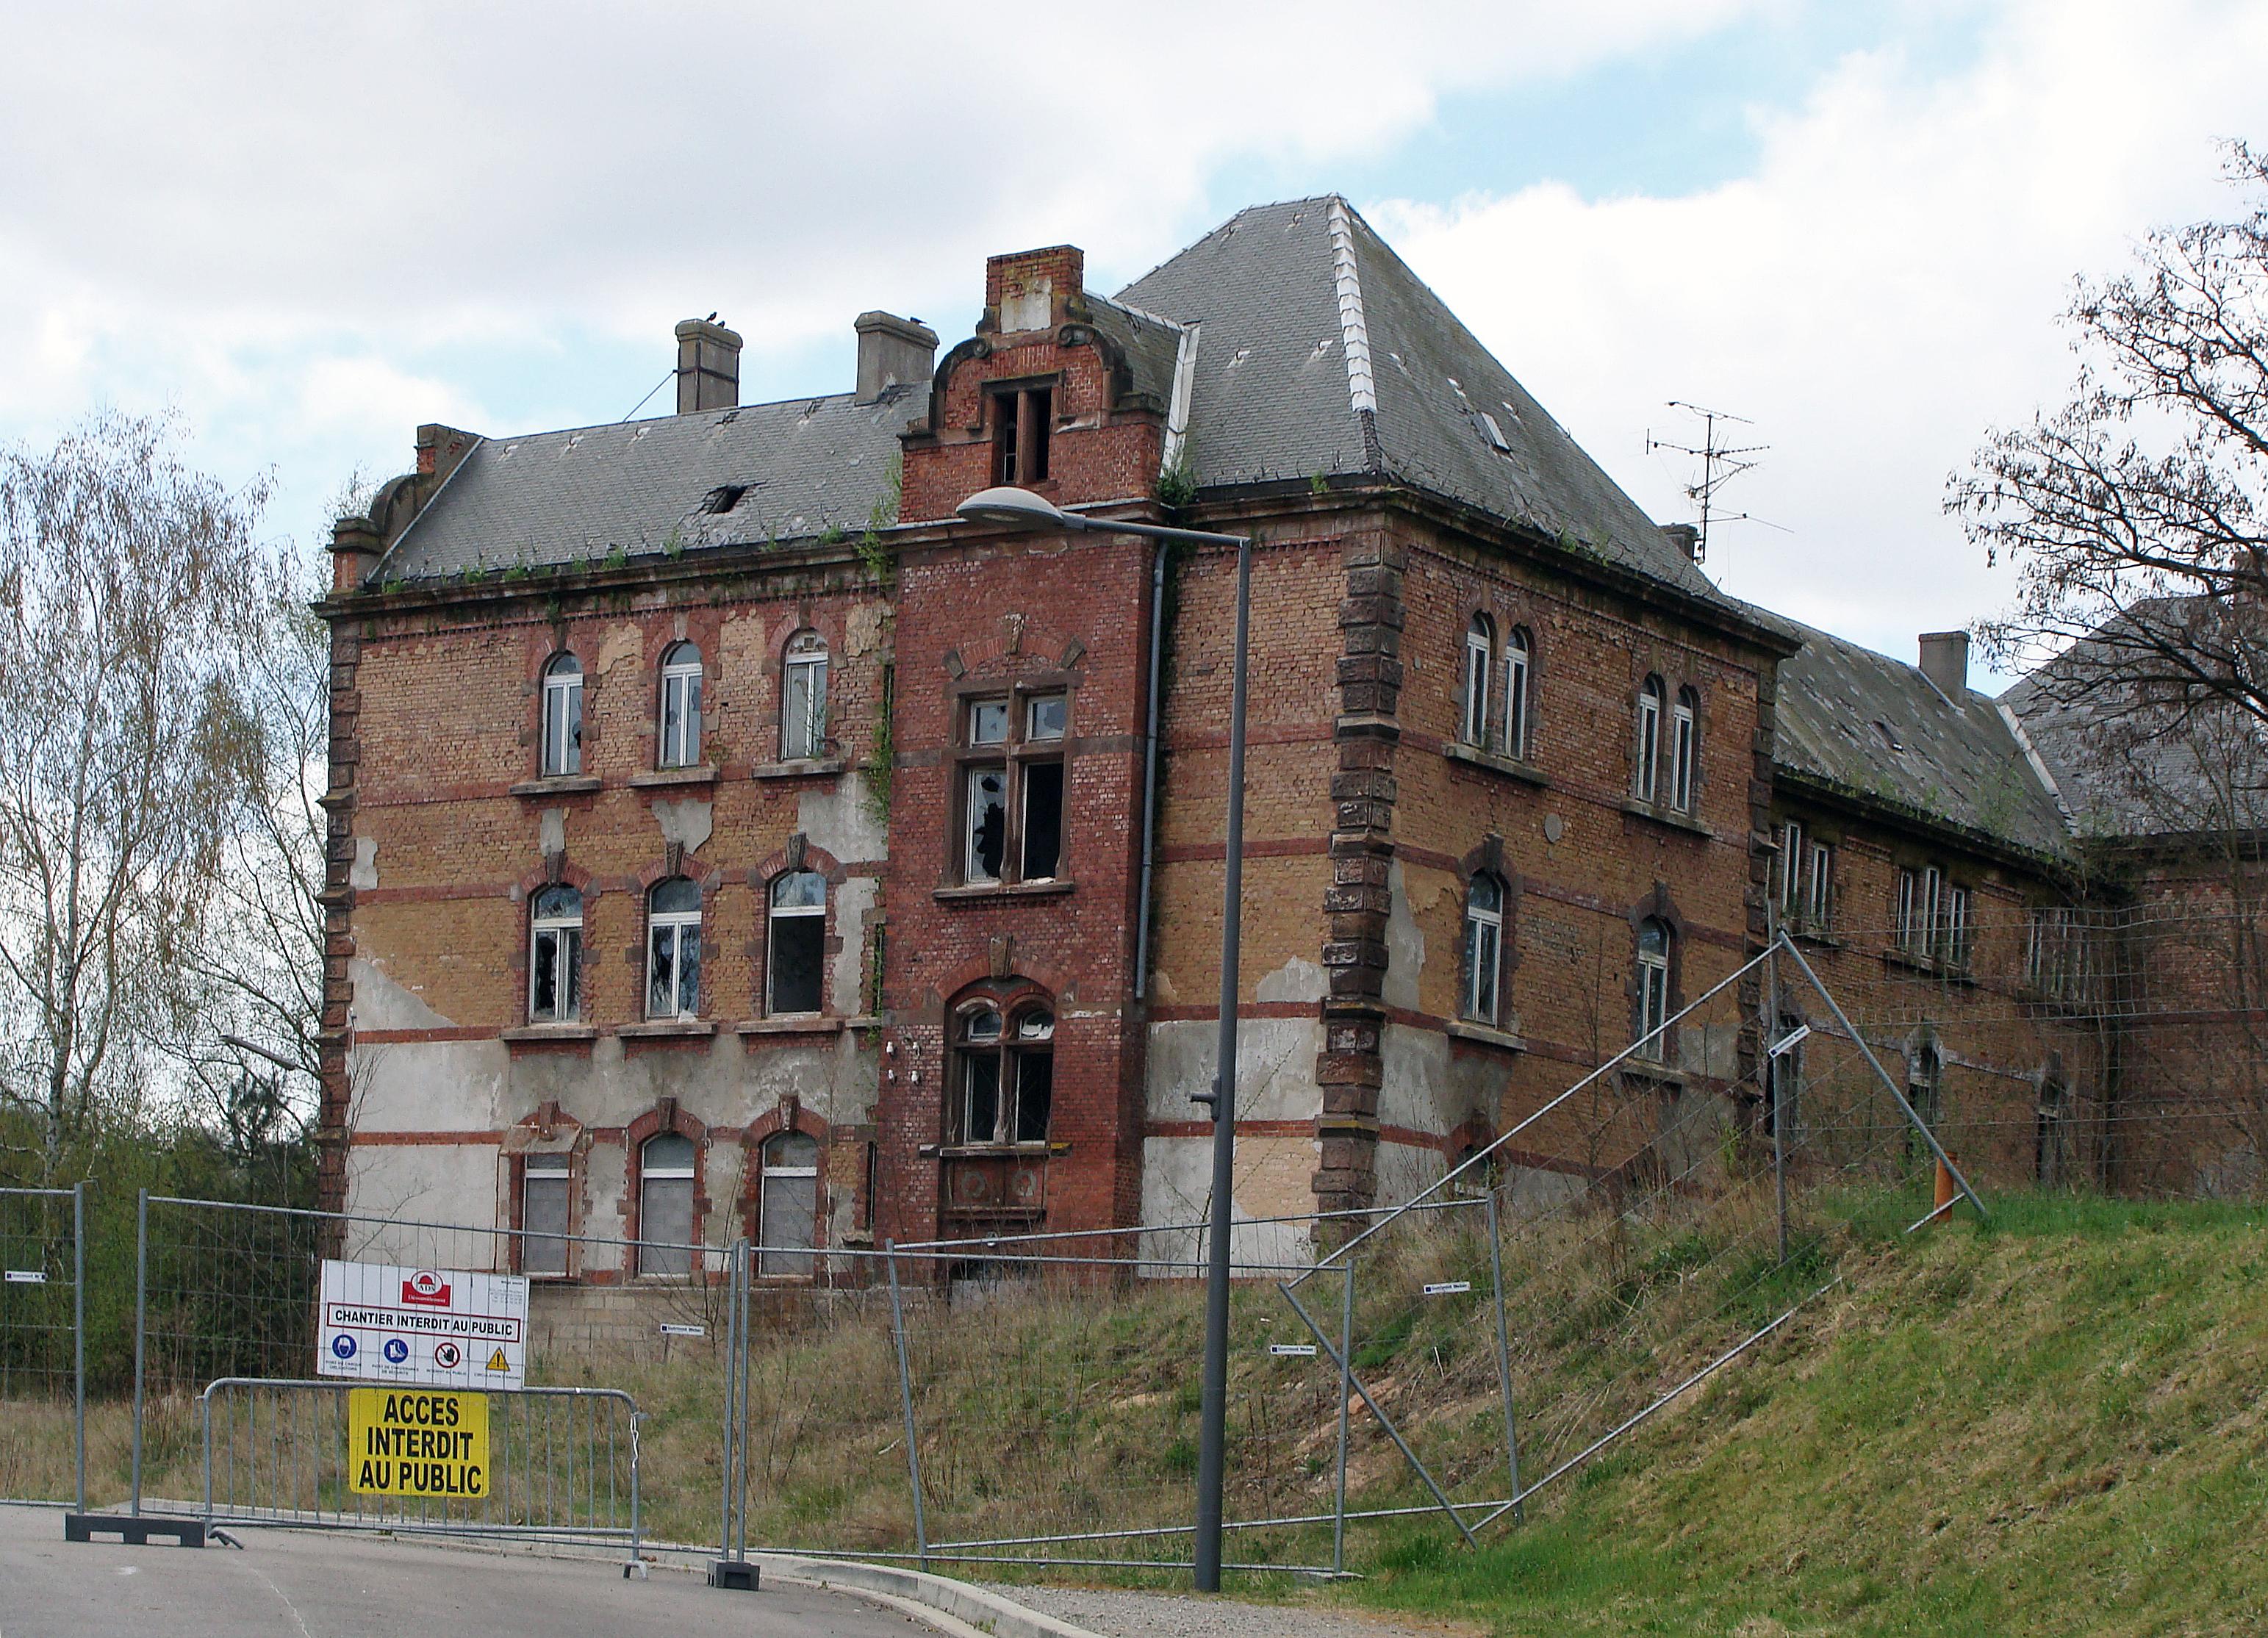 fichier:caserne ardant du picq de saint-avold — wikipédia